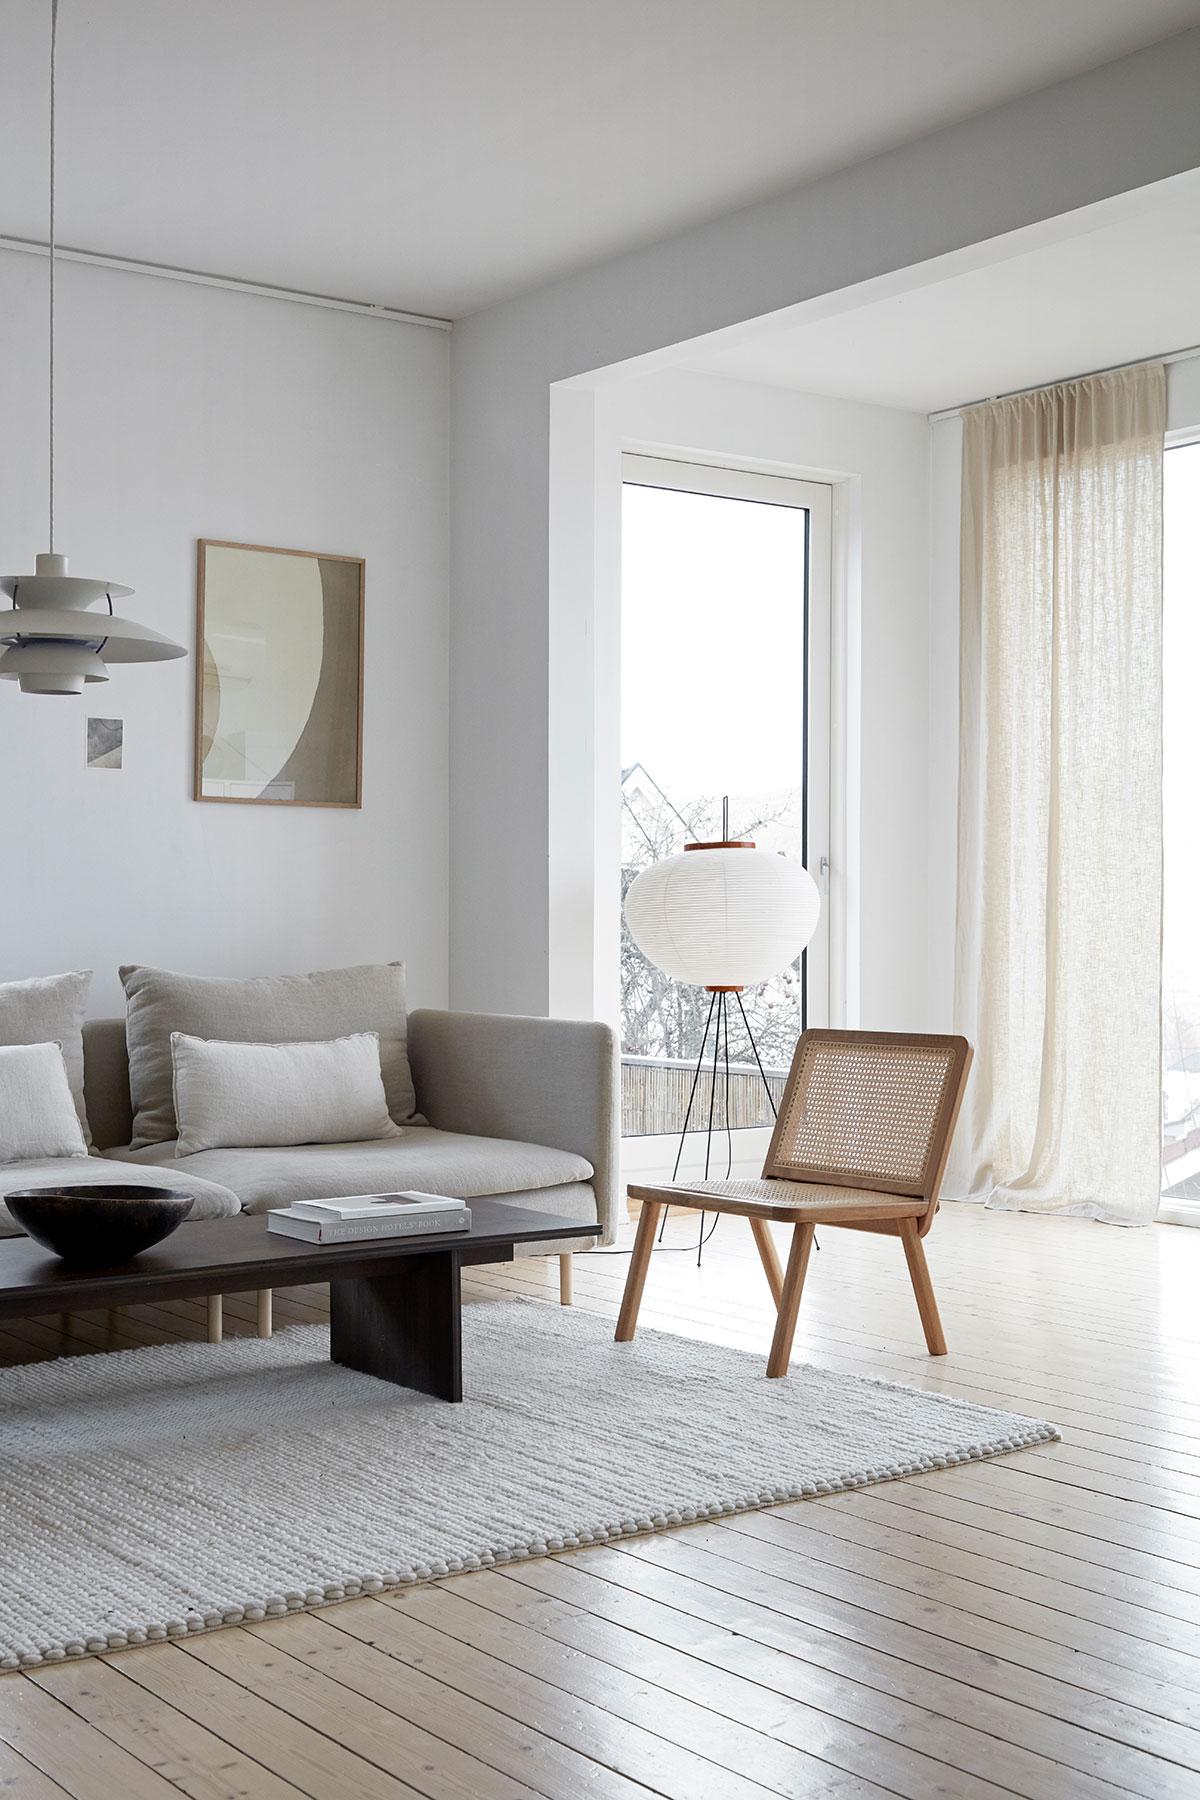 Спокойный и элегантный интерьер дома семьи дизайнеров в Норвегии